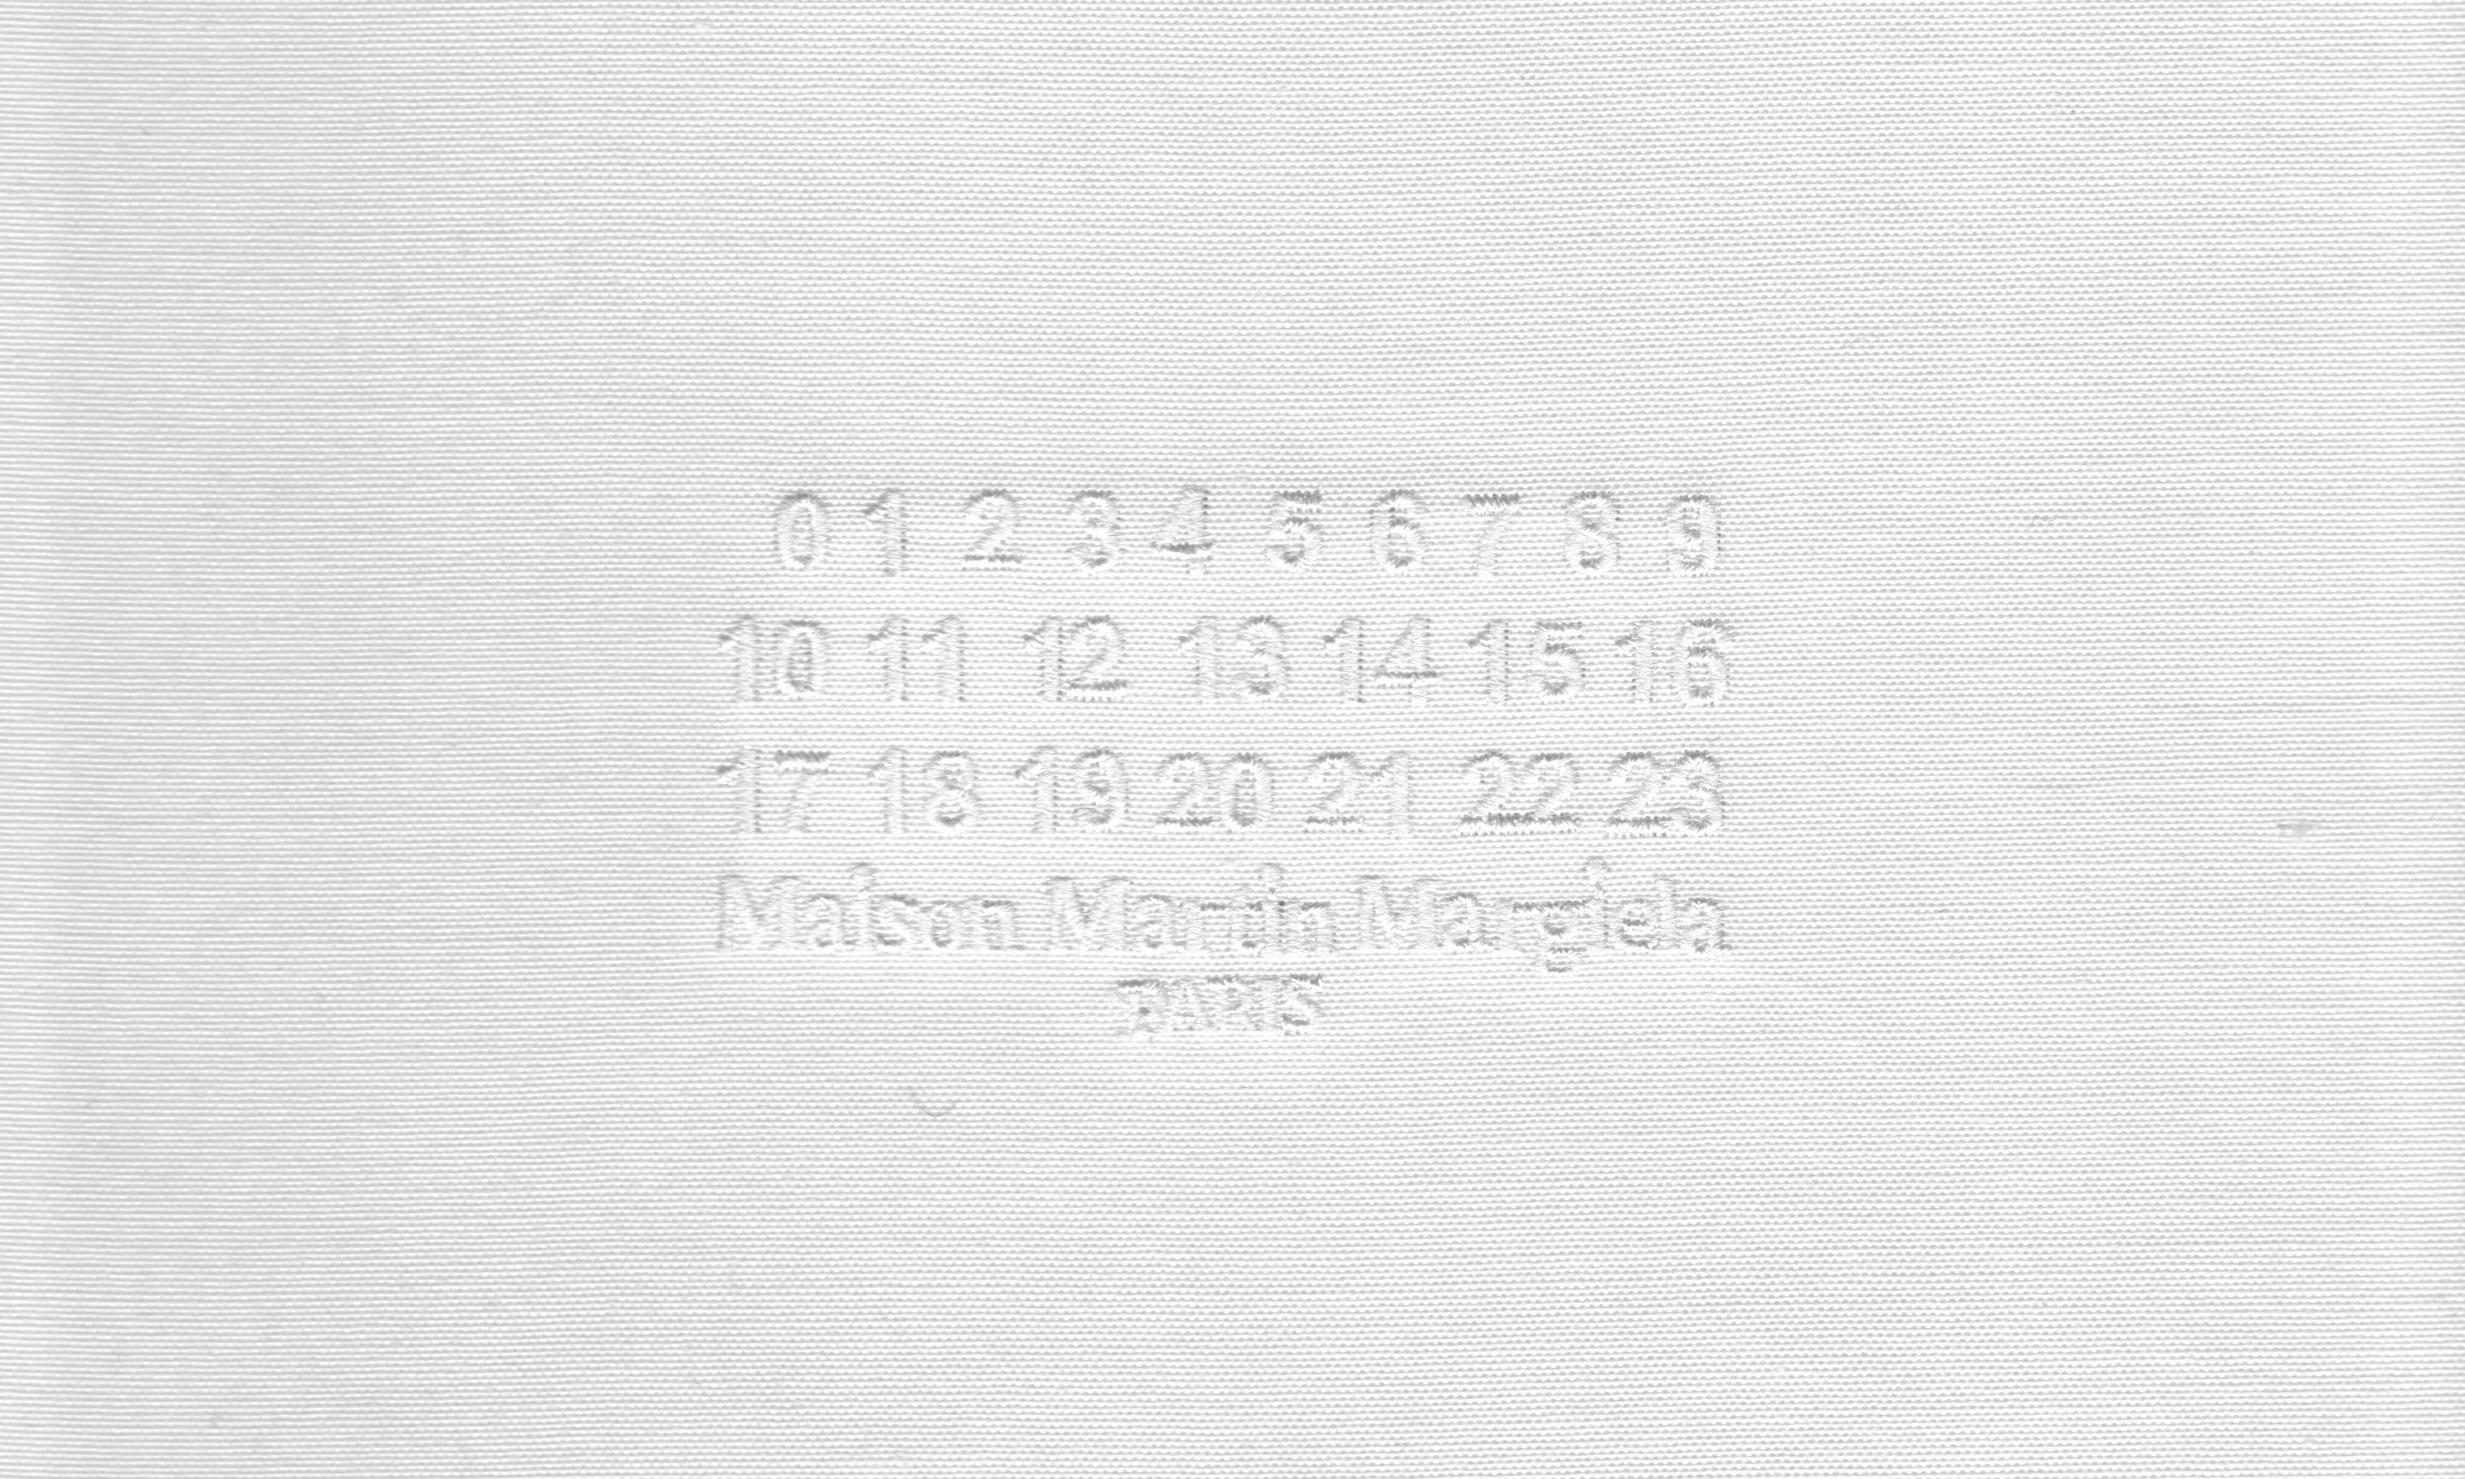 关于 Maison Martin Margiela,我们还可以聊些什么?